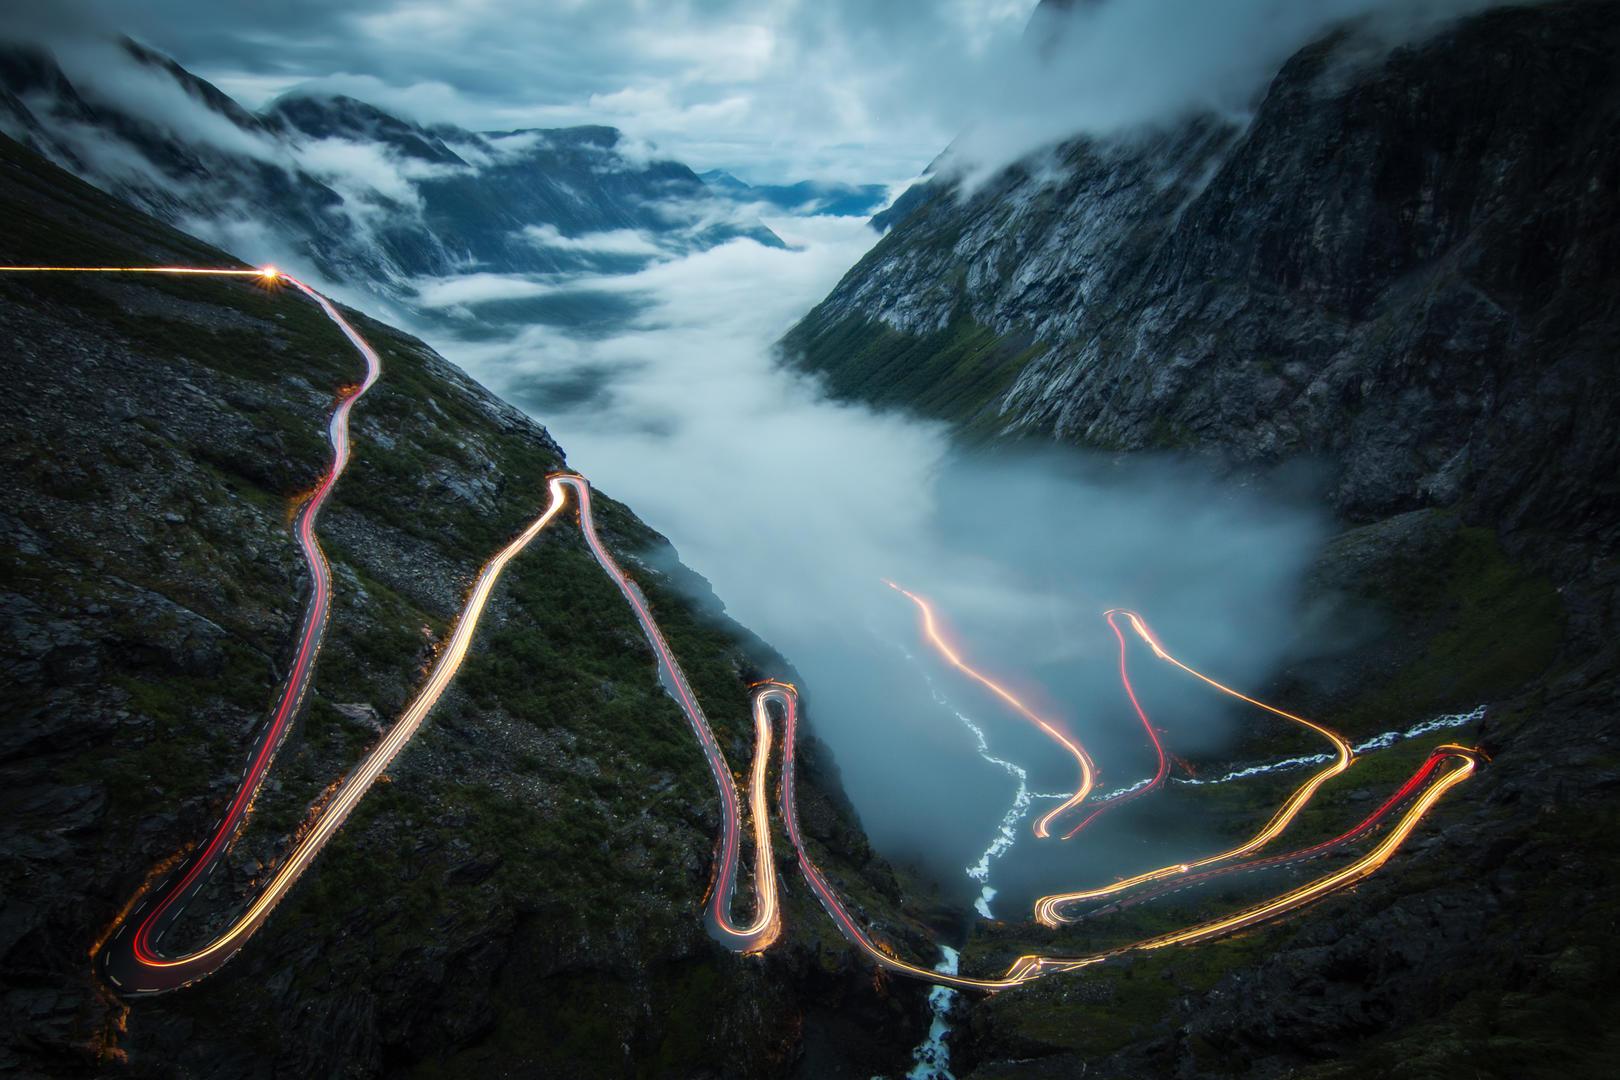 Дорога троллей, © Кристоф Шааршмидт, 2-е место, Фотоконкурс «Фотограф года от Digital Camera»